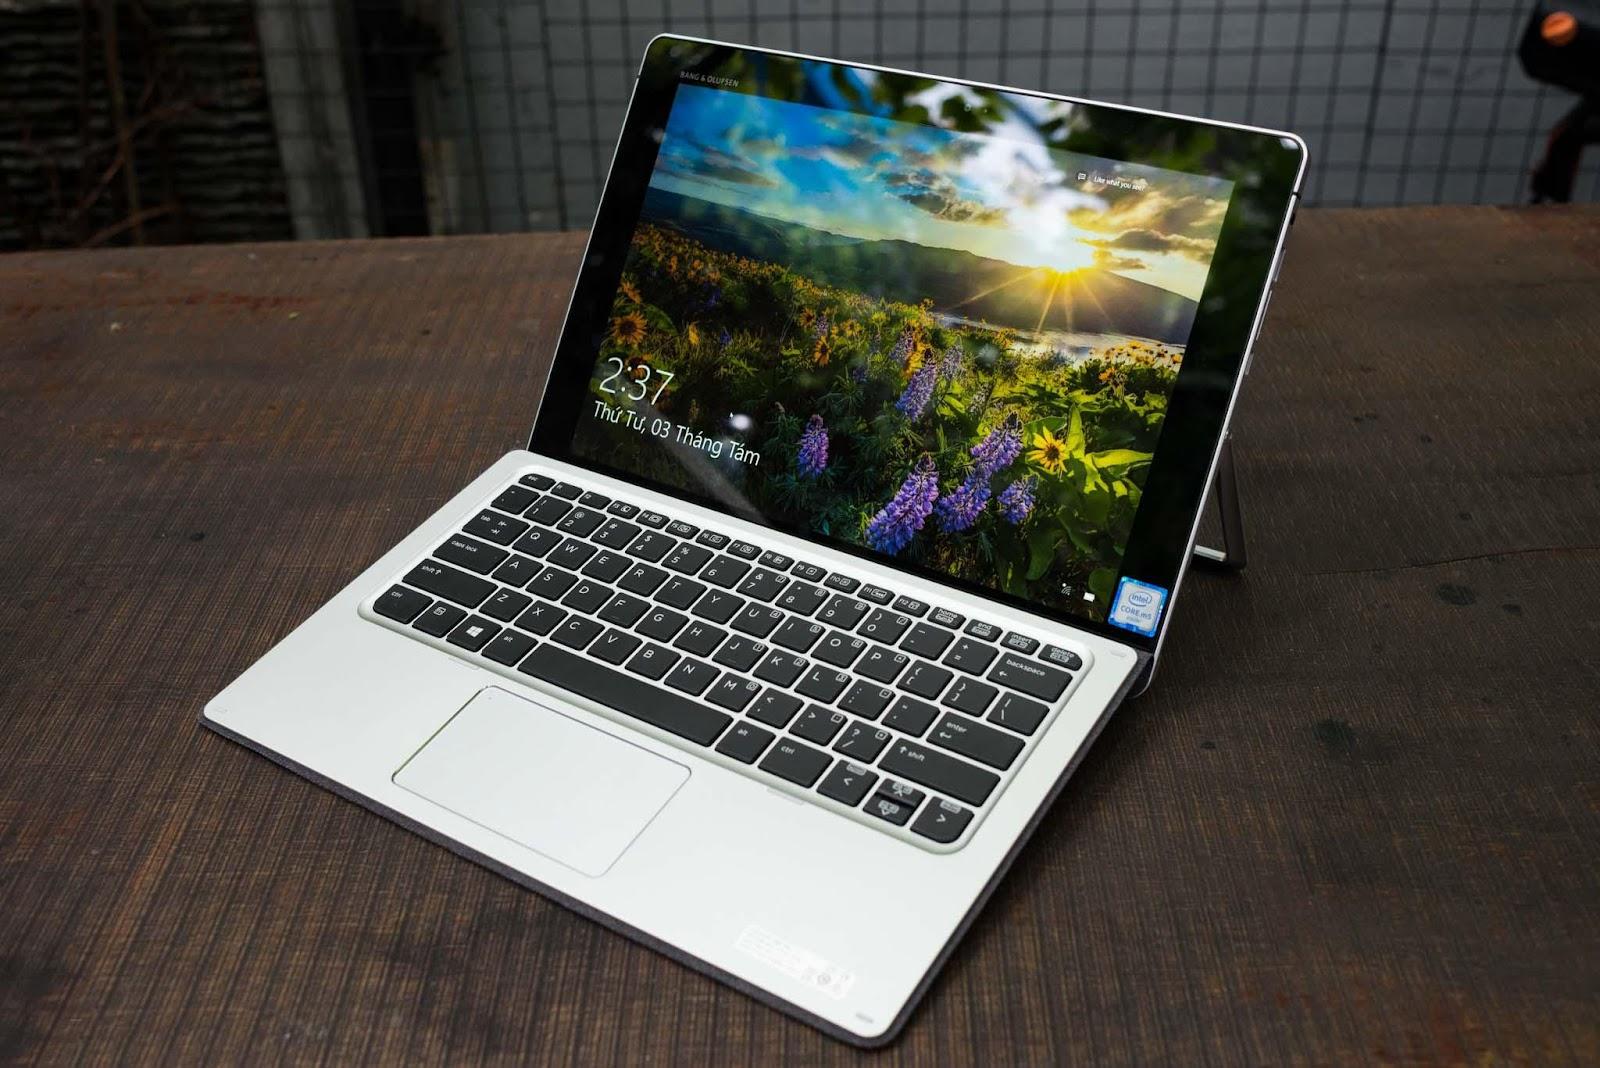 Image result for Cách tìm lại laptop bị đánh cắp